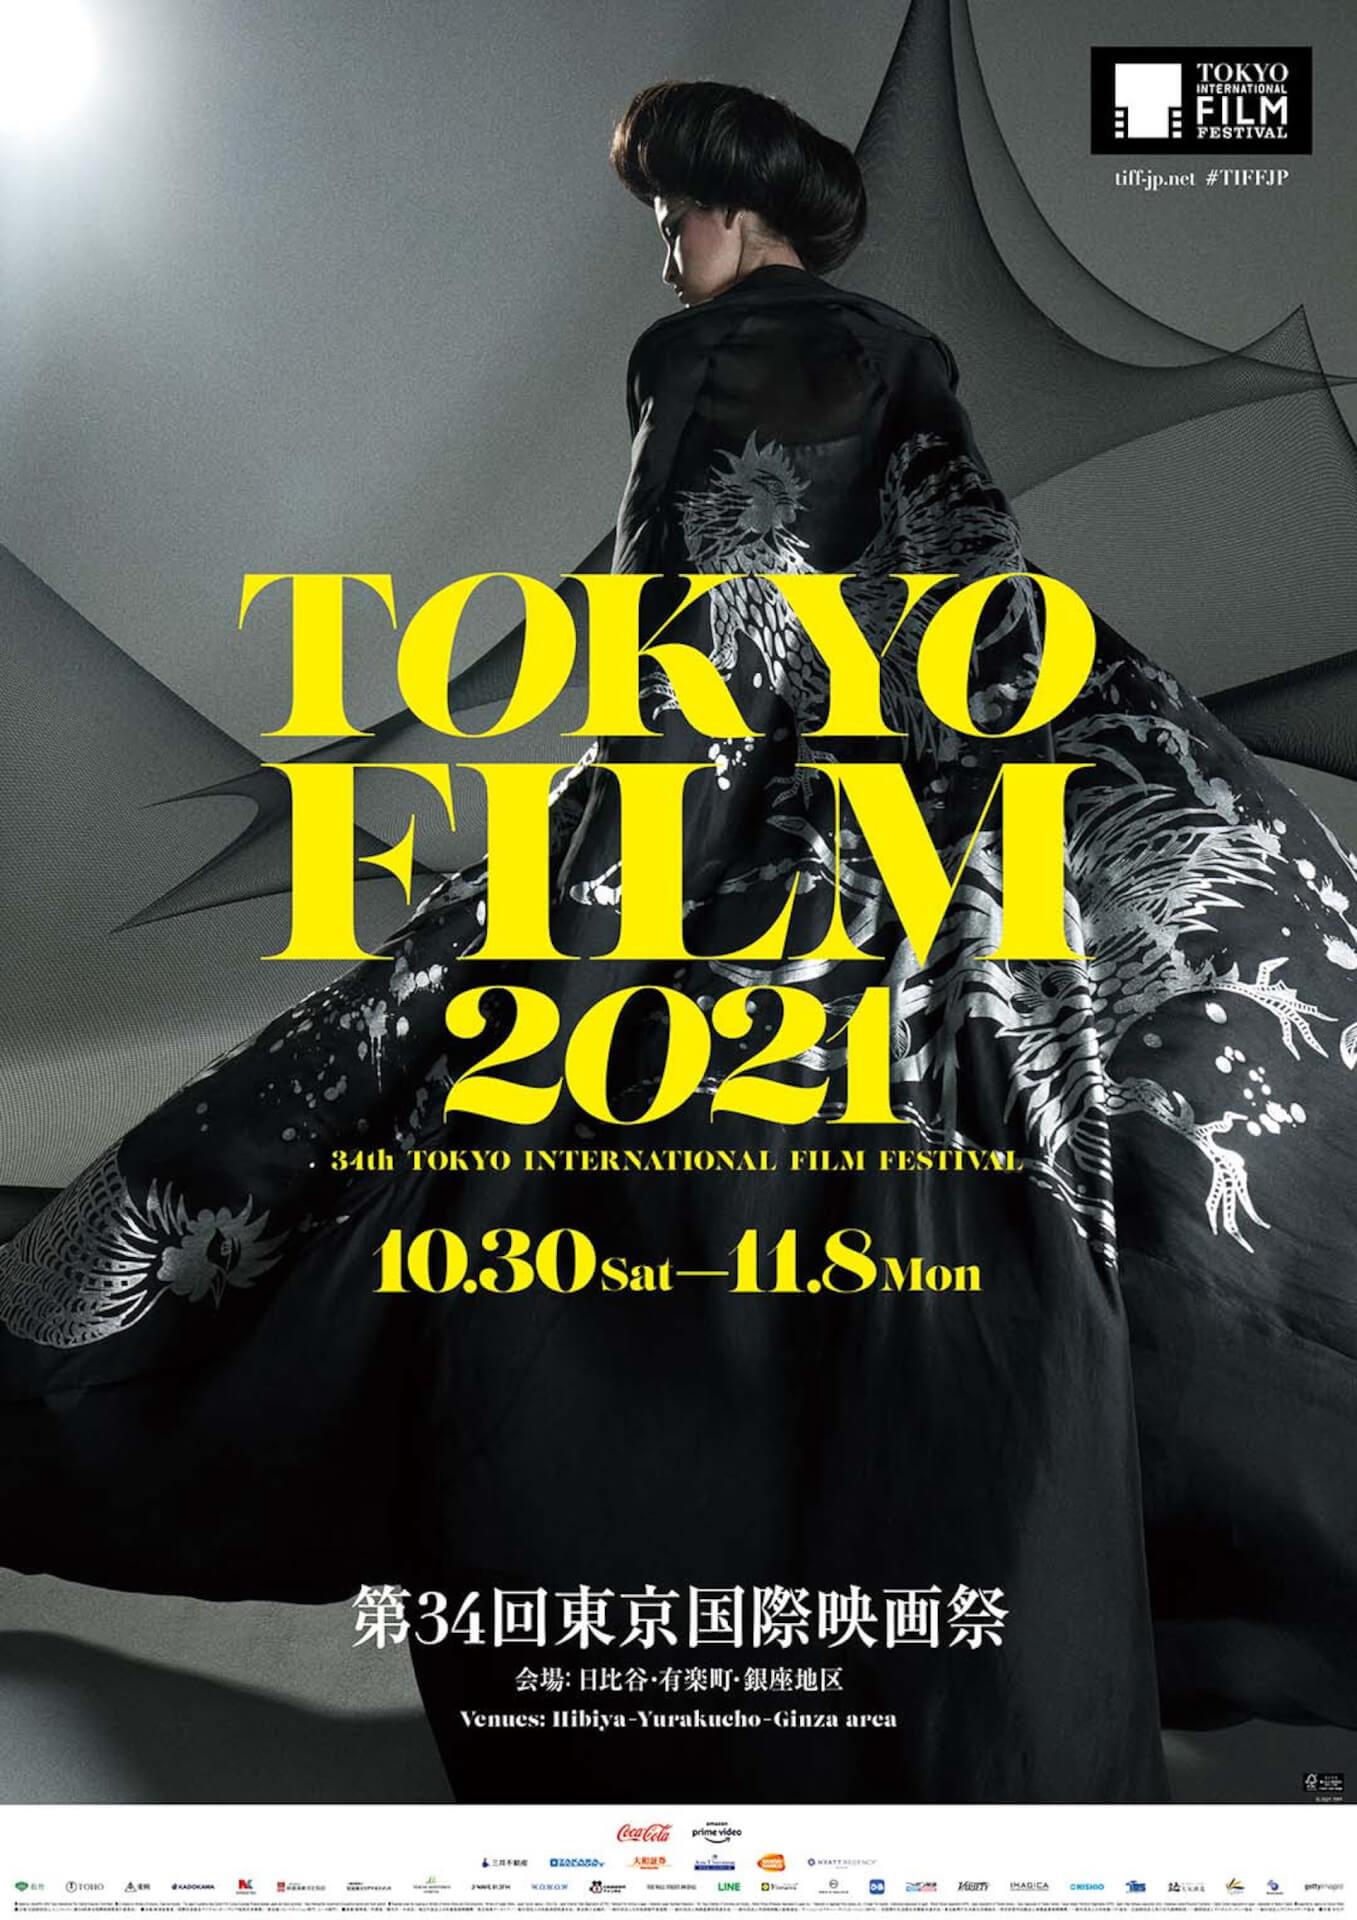 東京国際映画祭のクラウドファンディングが10月15日まで実施中!オープニングセレモニーに参加できるリターンも film211012_tiff-main